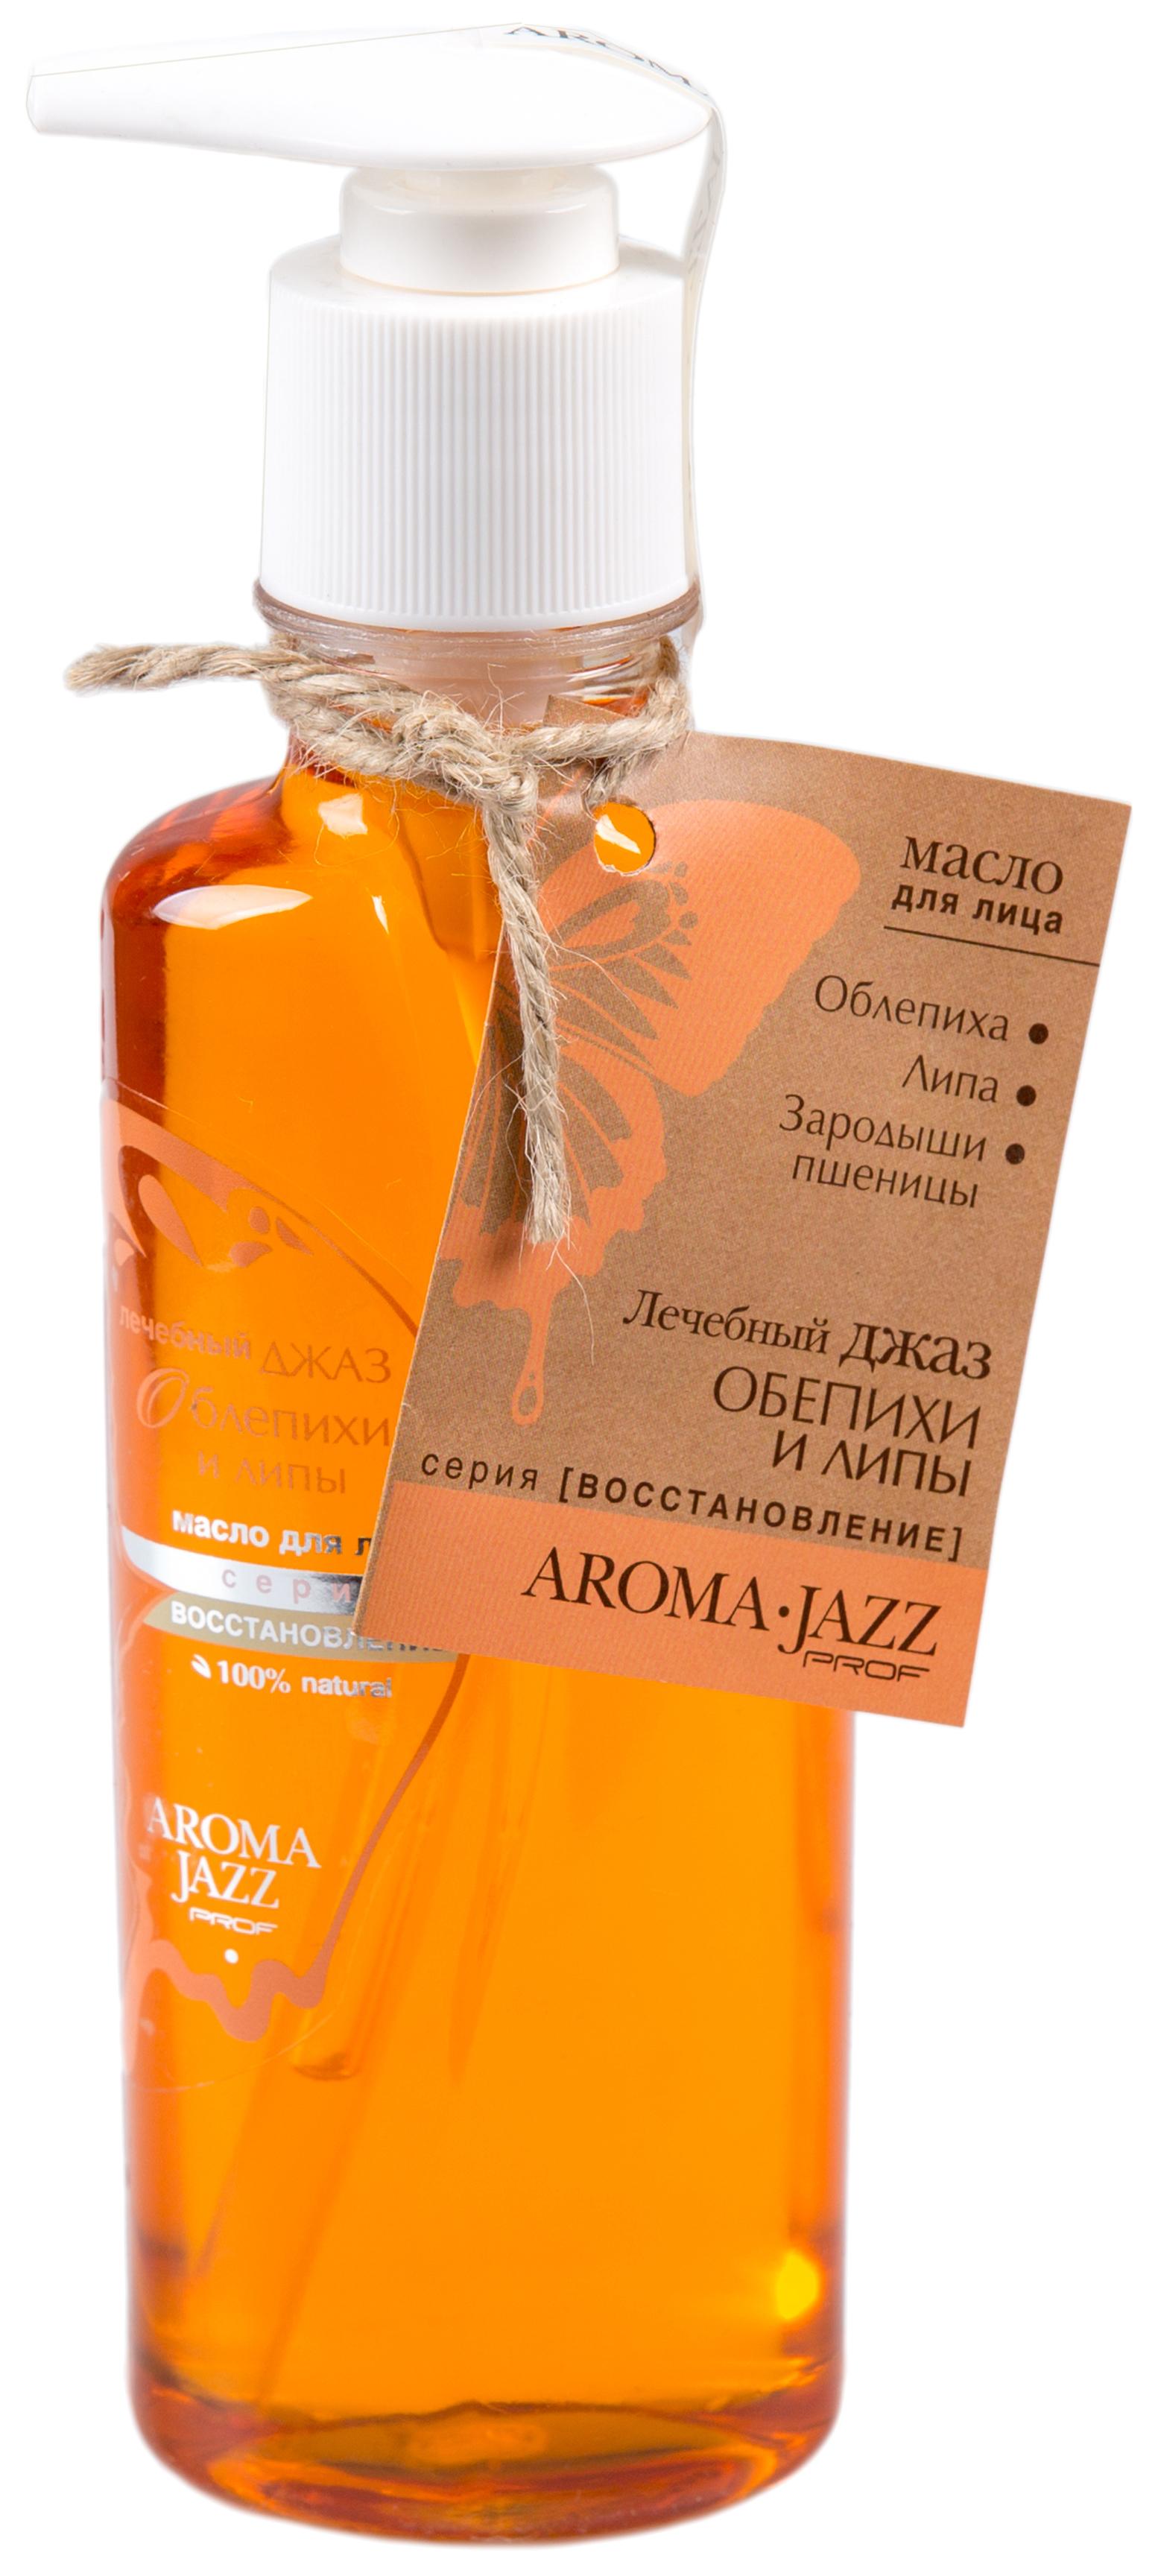 Масло для лица AROMA JAZZ Восстановление Лечебный джаз облепихи и липы